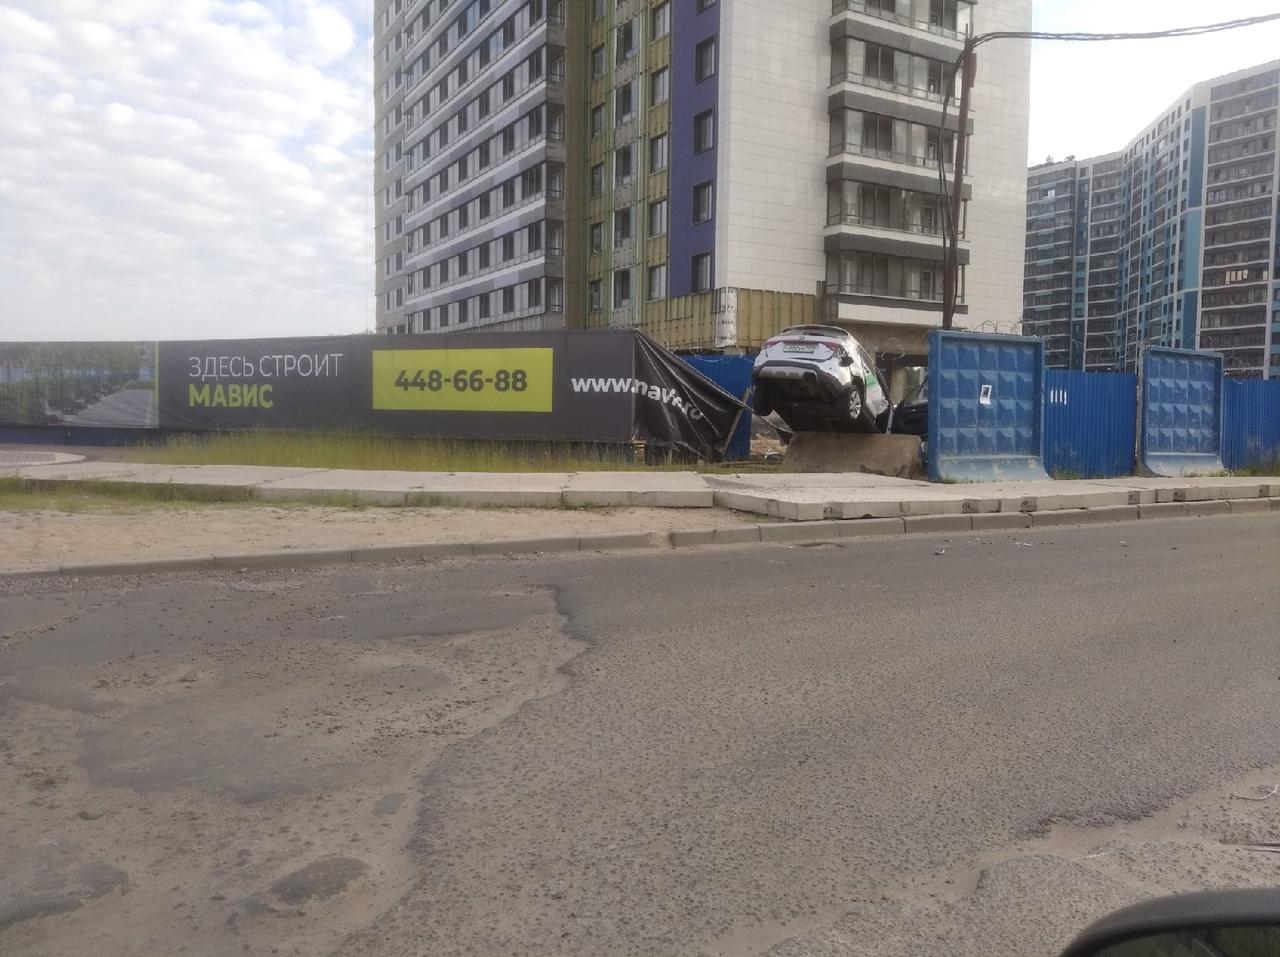 Каршеринг закончил аренду в заборе в конце Екатерининского проспекта в городе Мурино